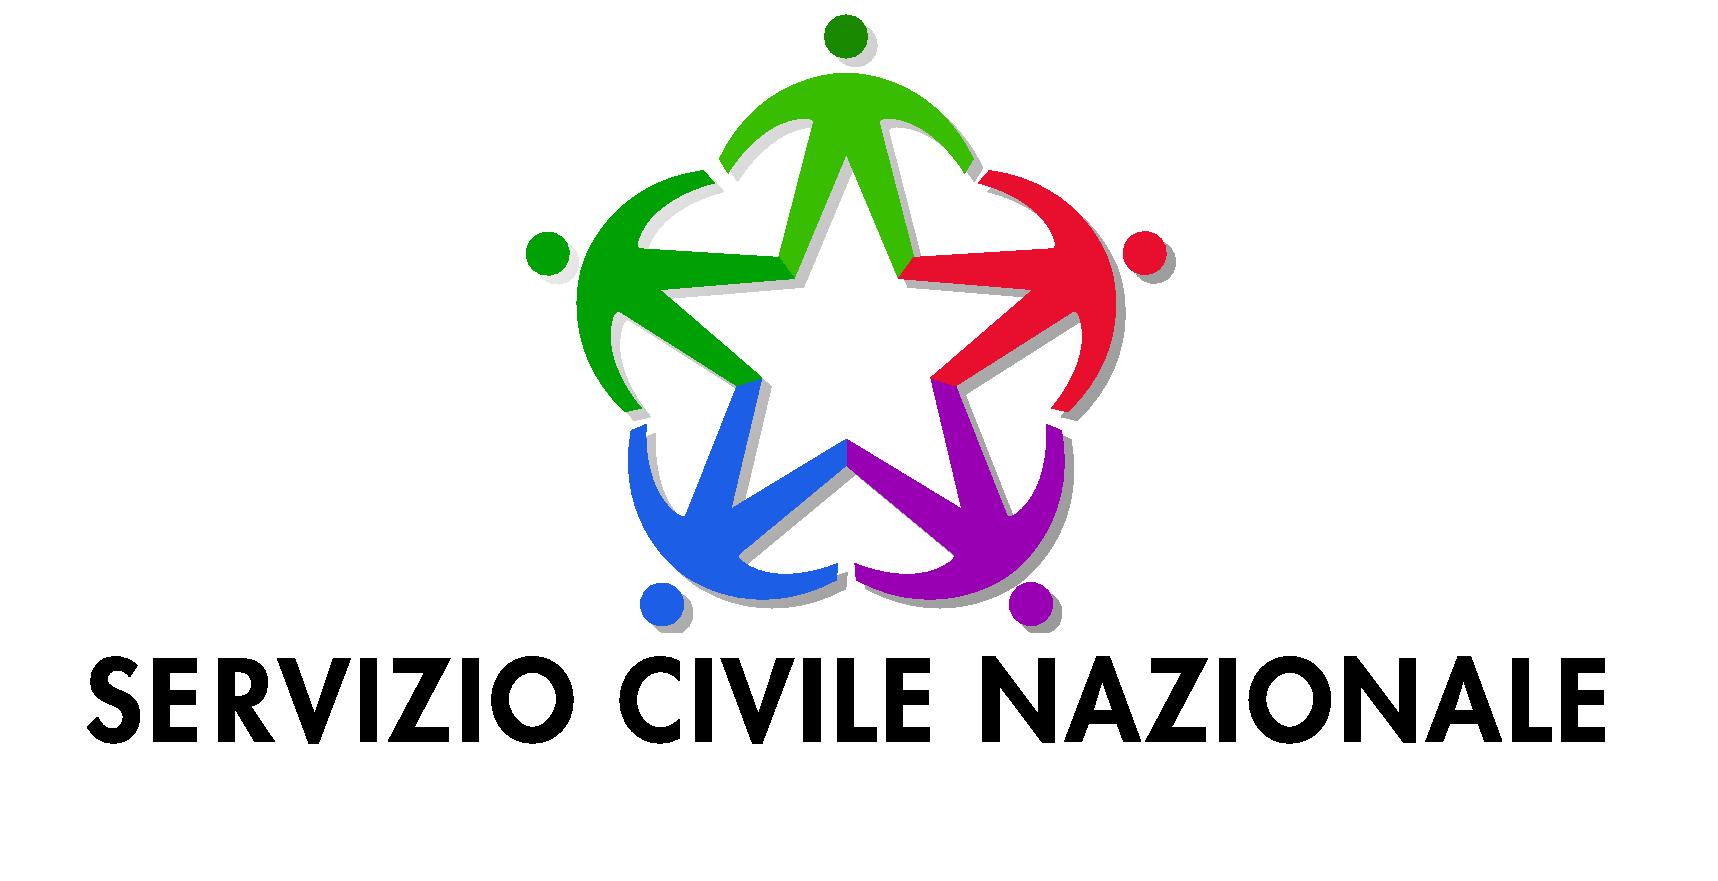 servizio-civile-nazionale-e1427734757158